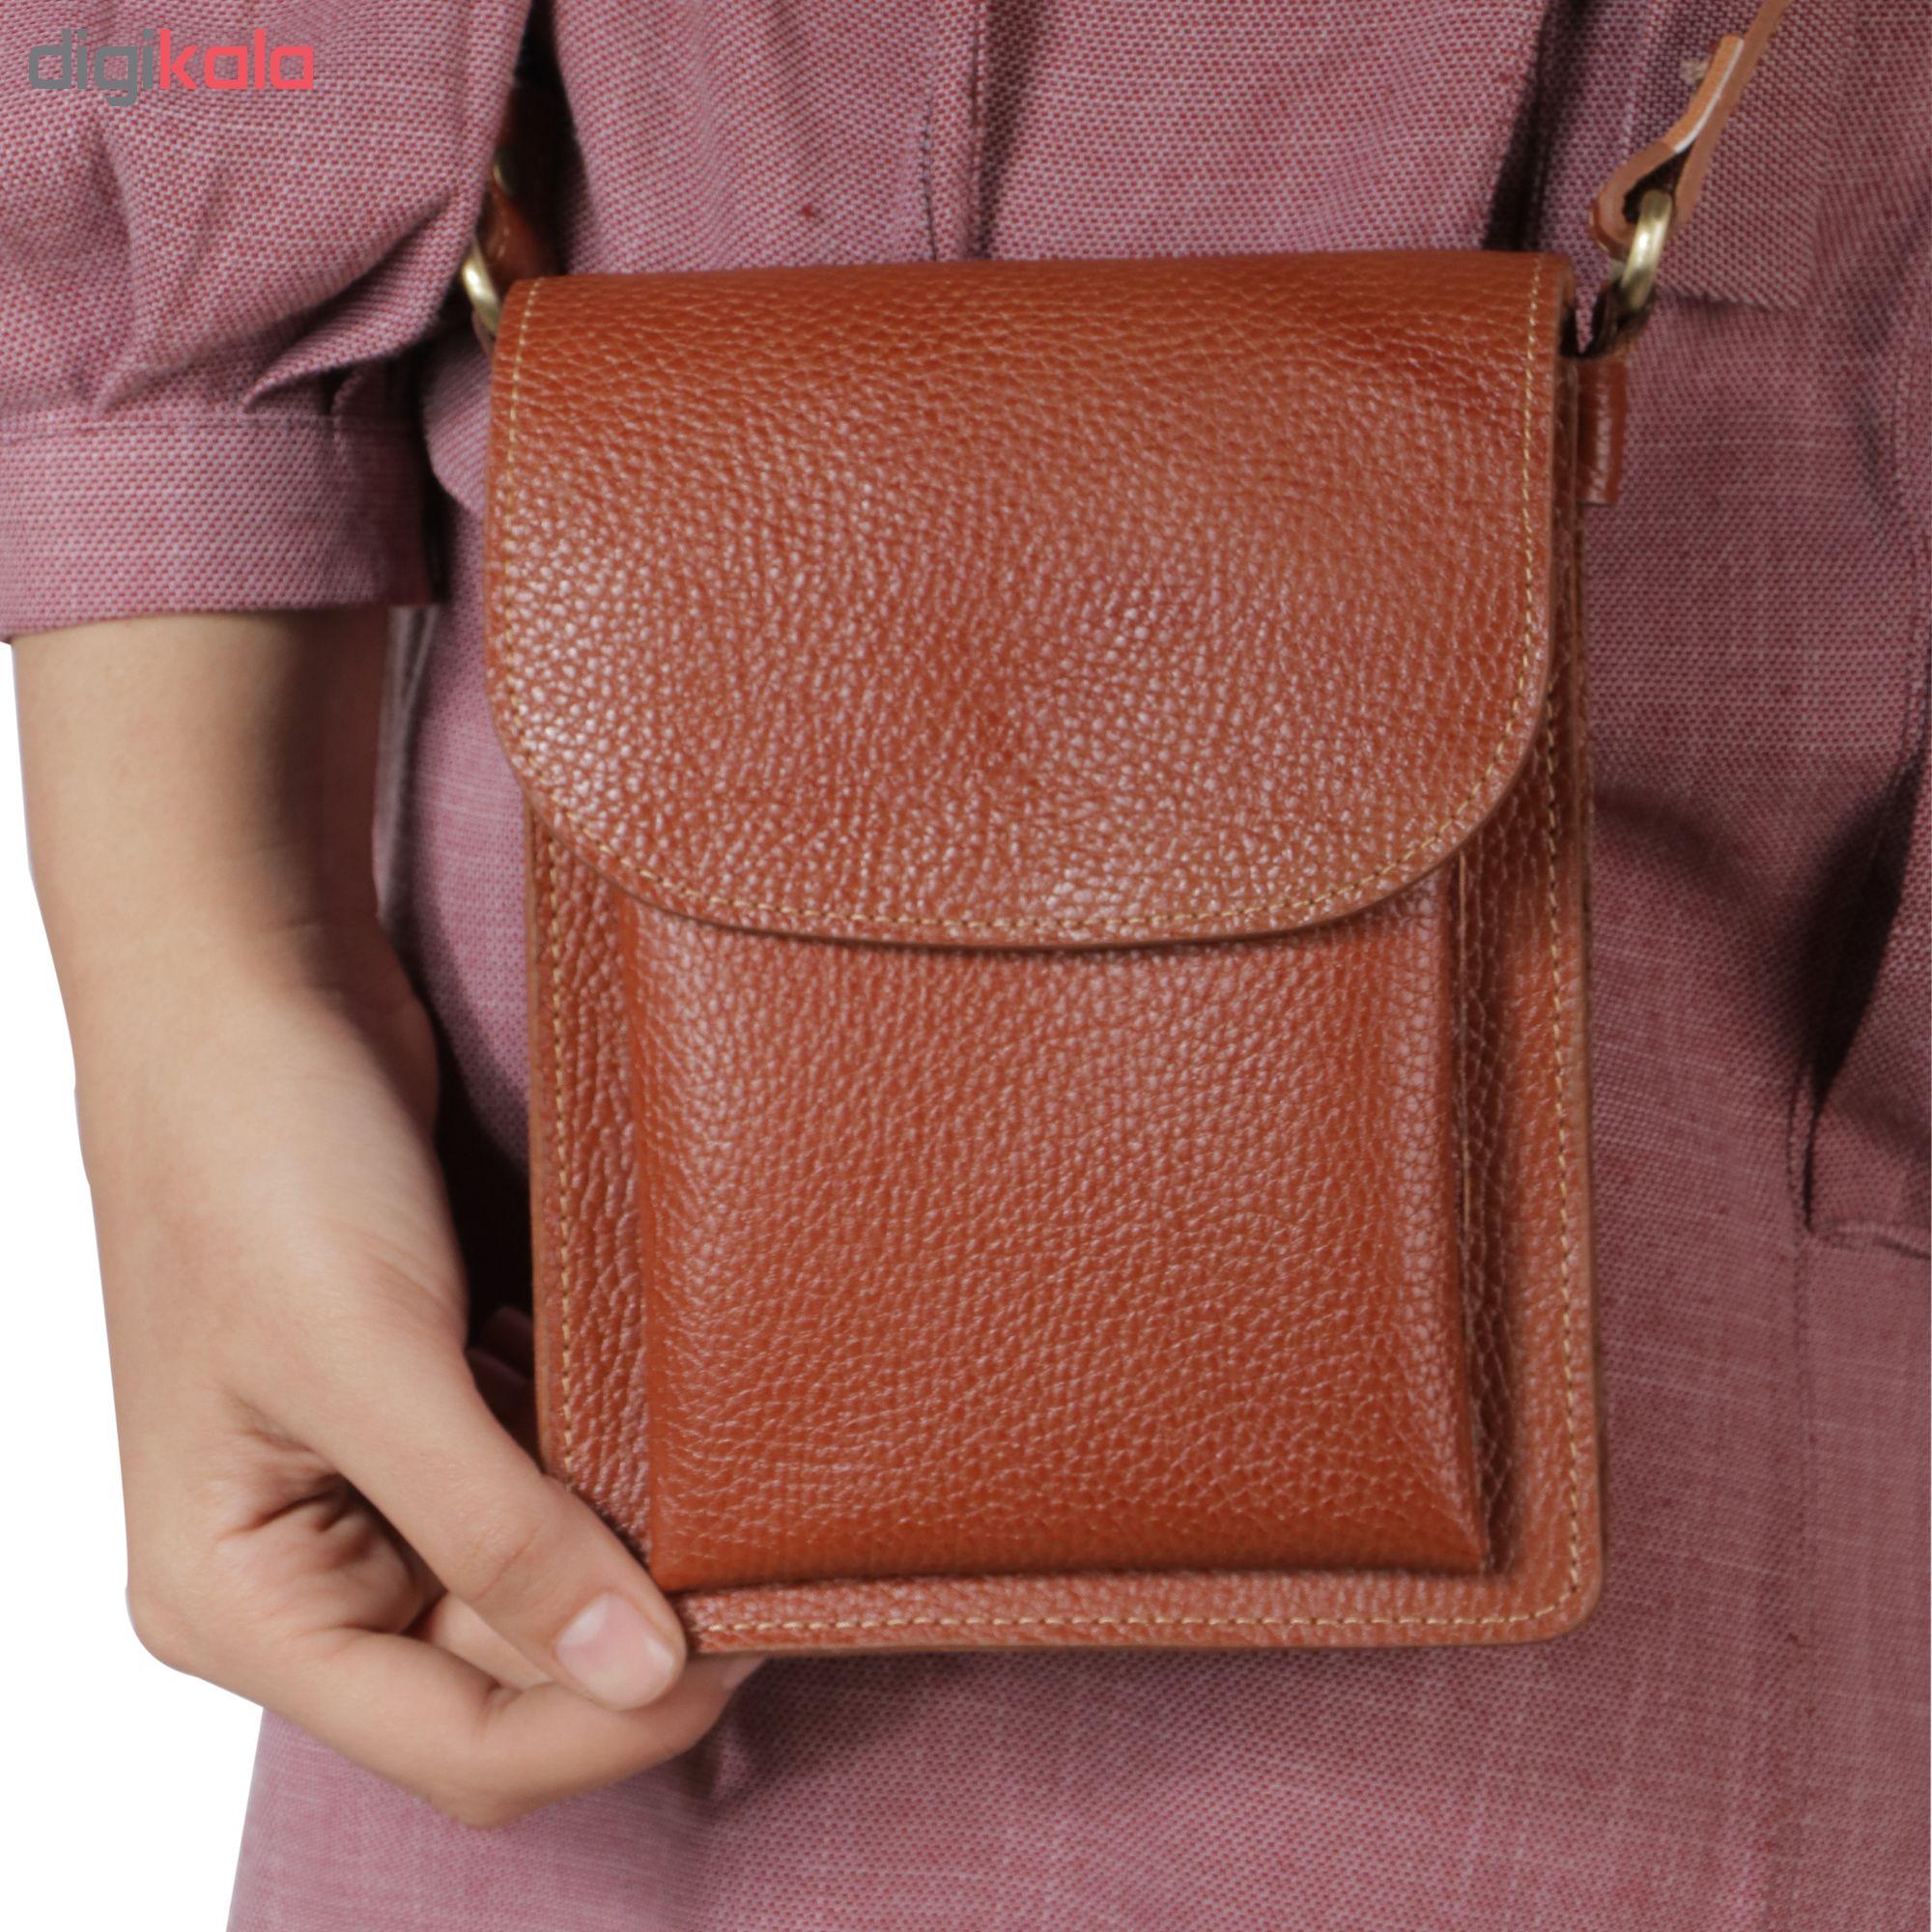 کیف دوشی مدل fantesi رنگ عسلی